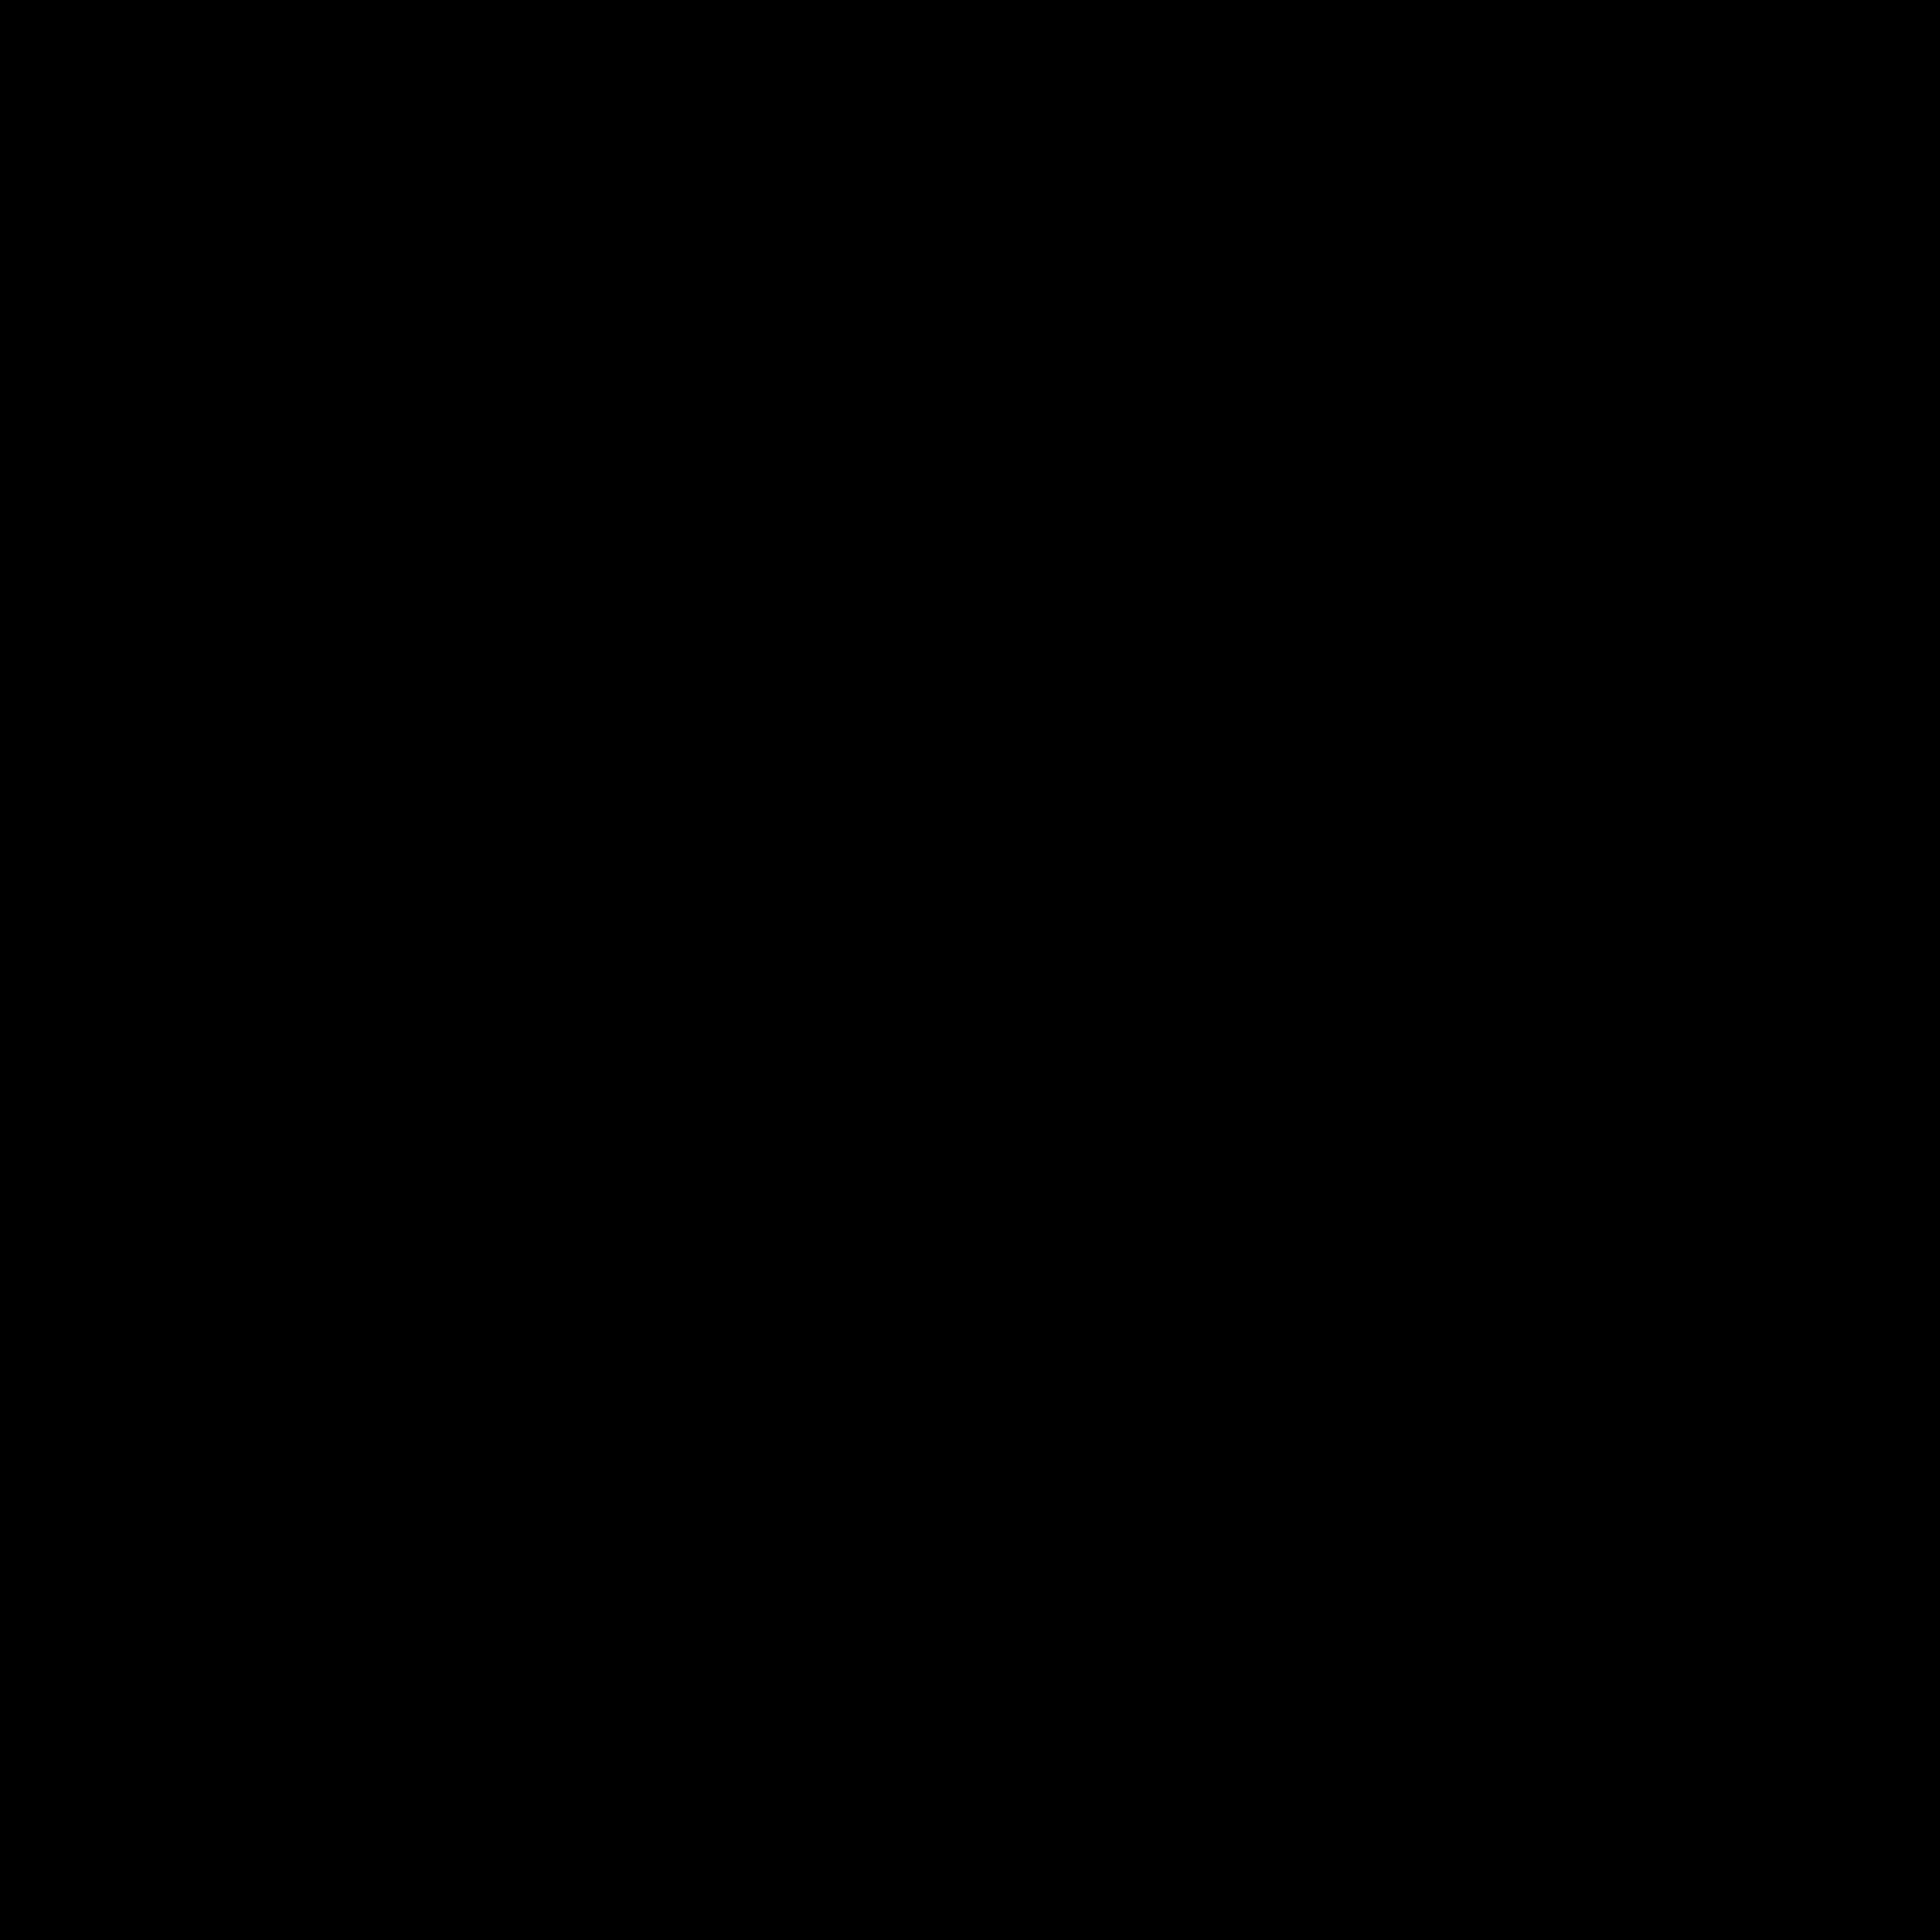 Asi Trade 686 Logo PNG Transparent & SVG Vector.